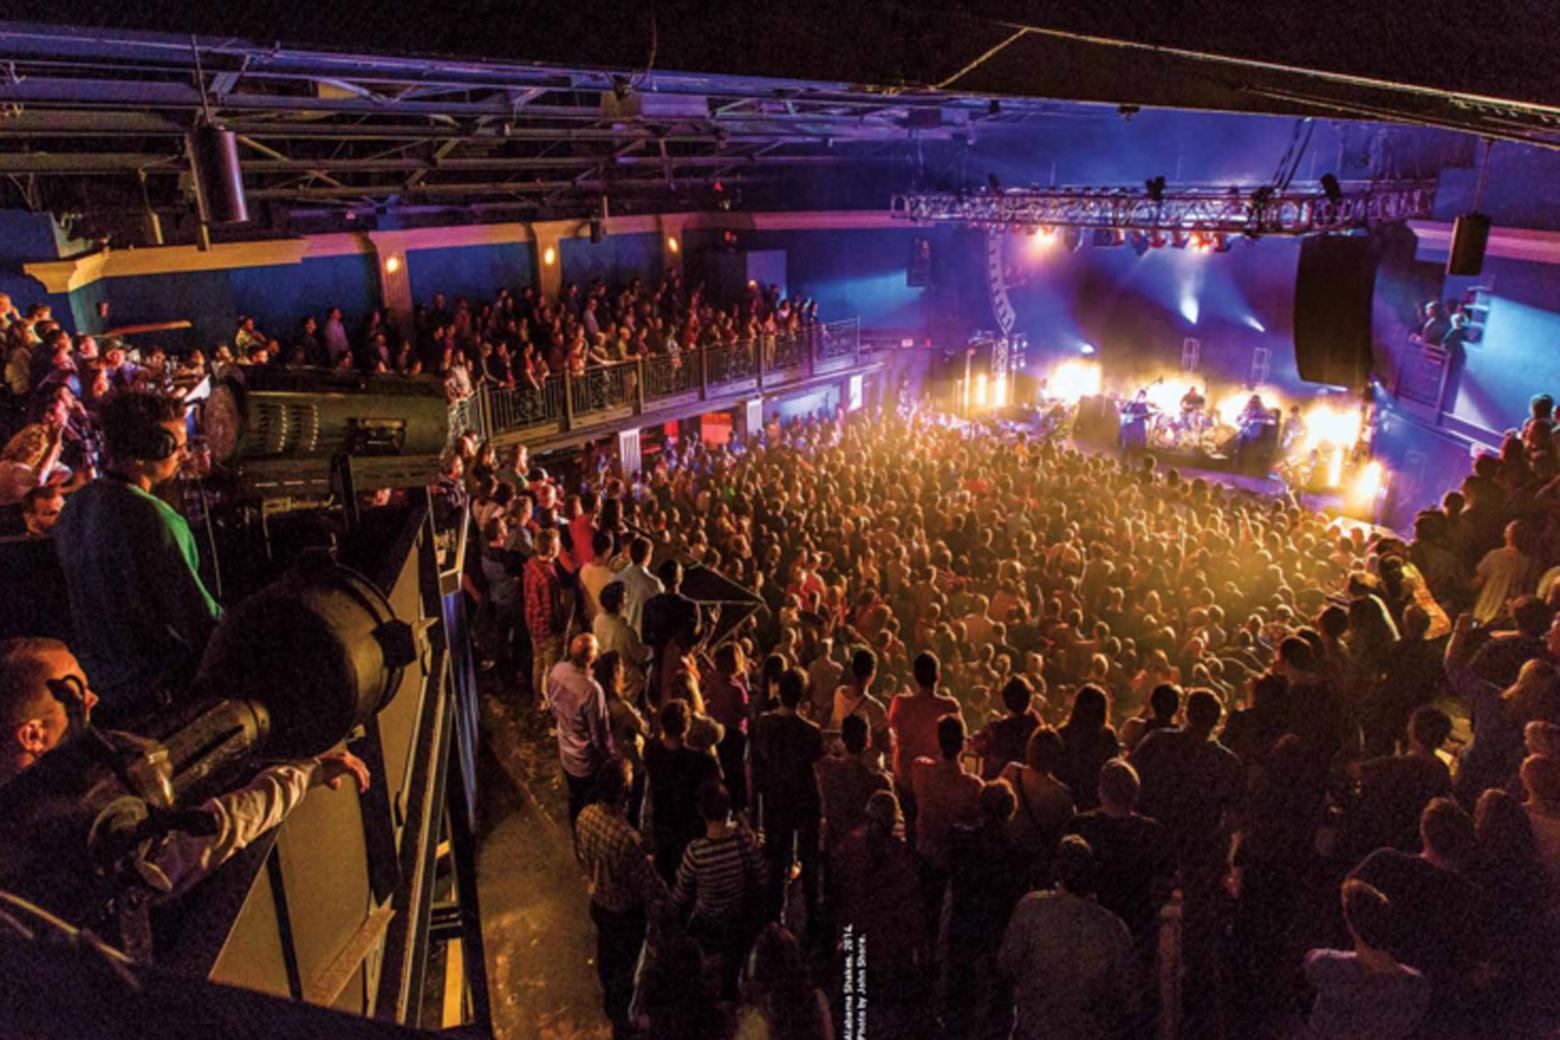 Alabama Shakes performs at the 9:30 Club at 815 V Street NW. (Courtesy John Shore)